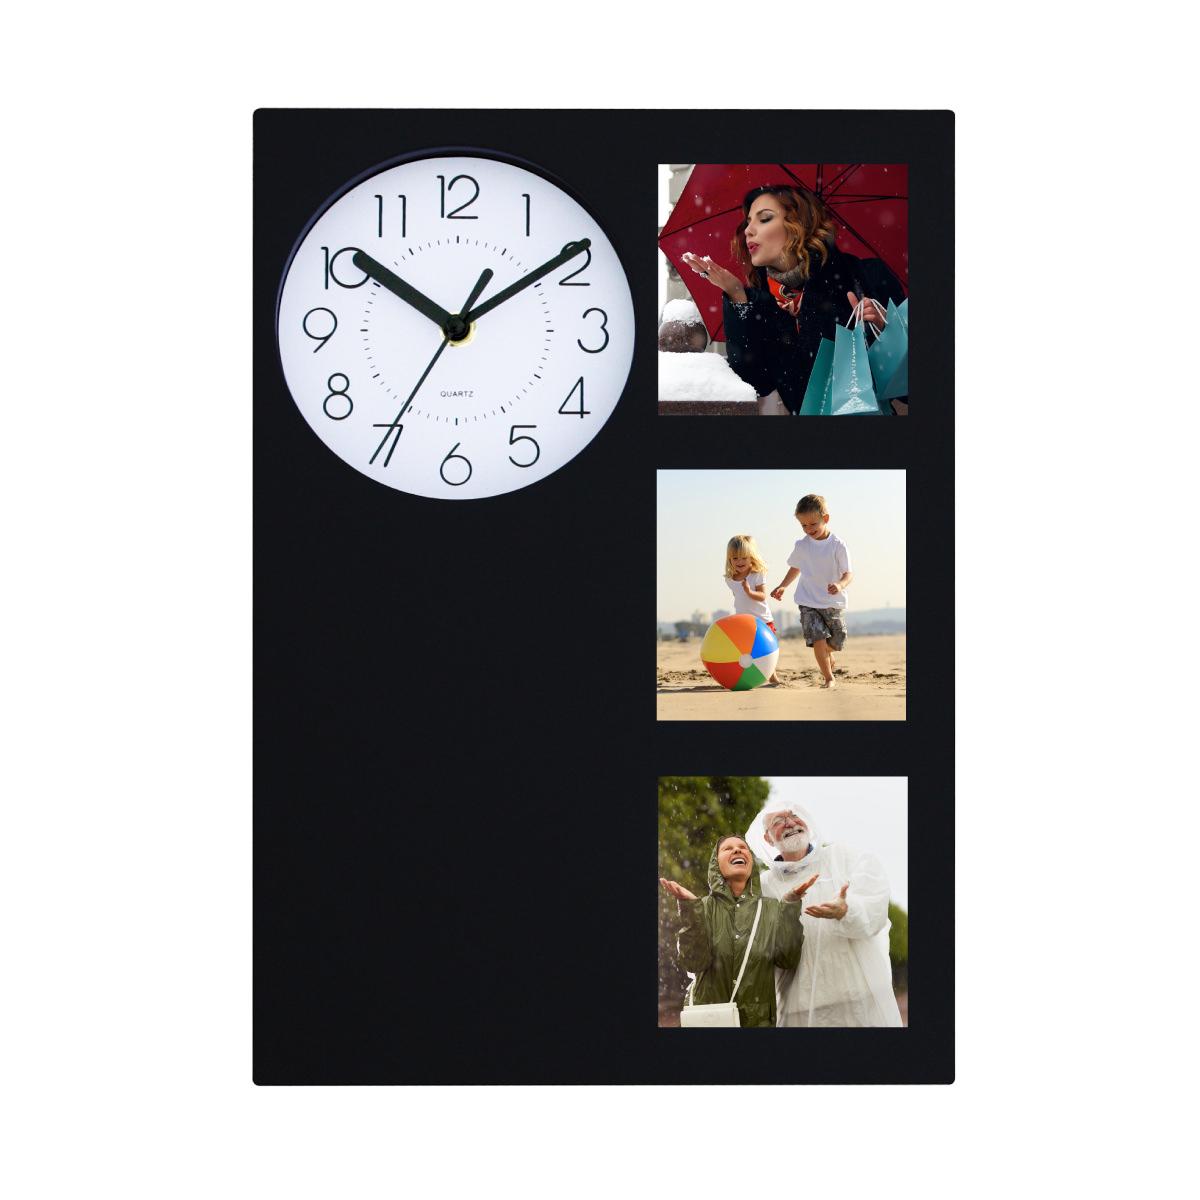 שעון קיר עם מסגרות לתמונות - לוגאנו